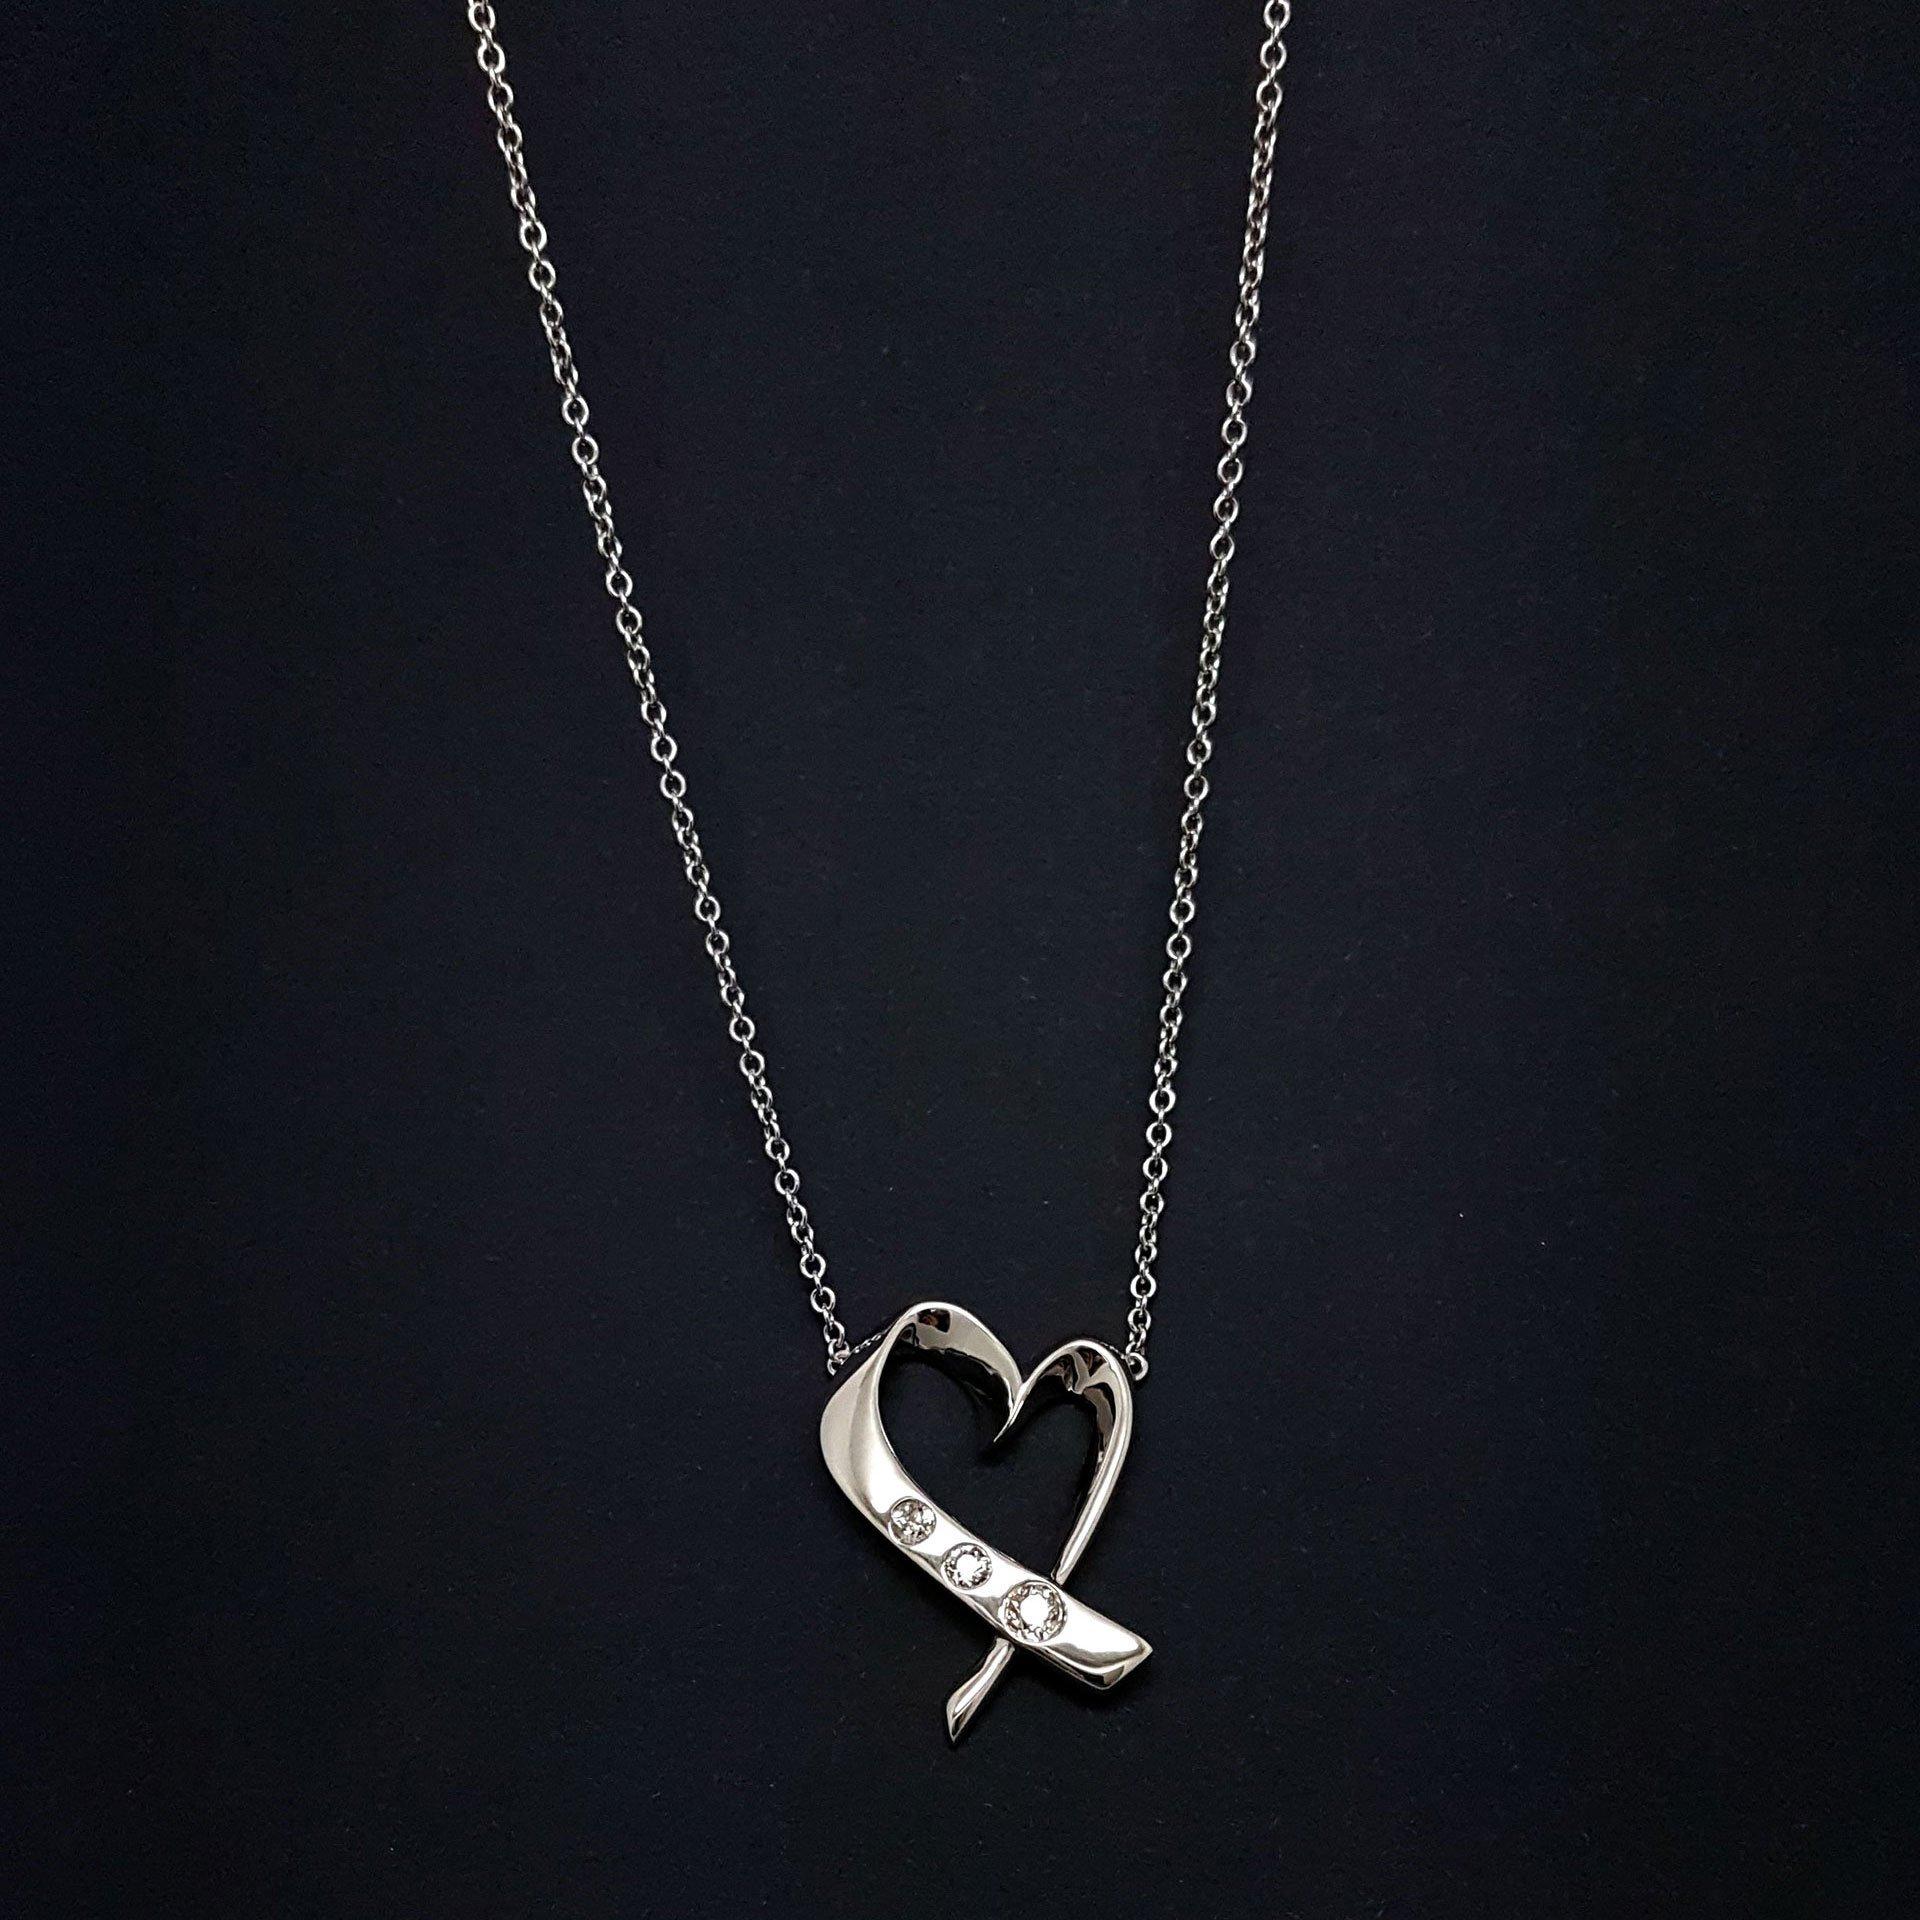 A heart pendant